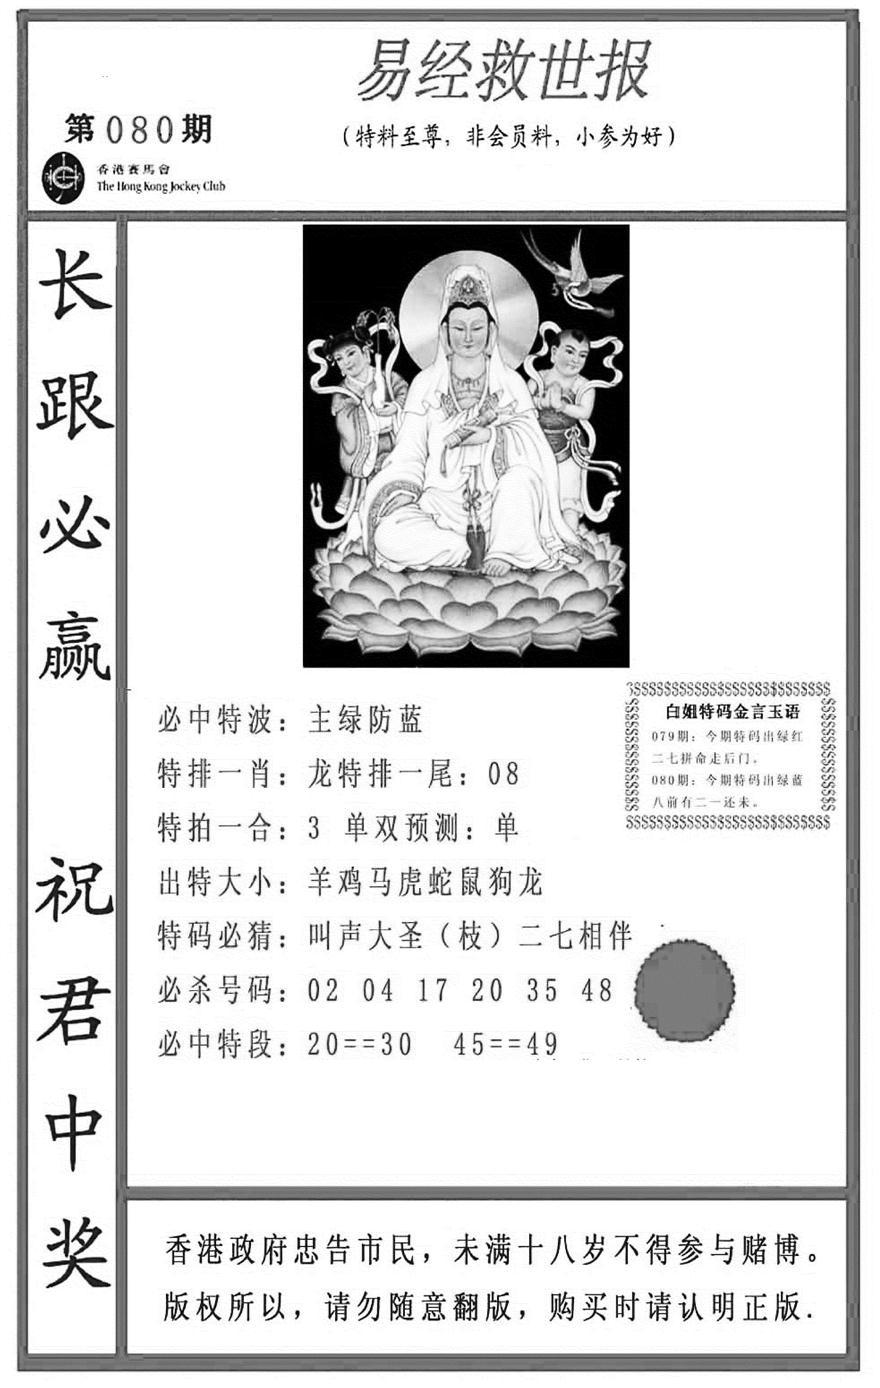 080期易经救世报(正版)(黑白)